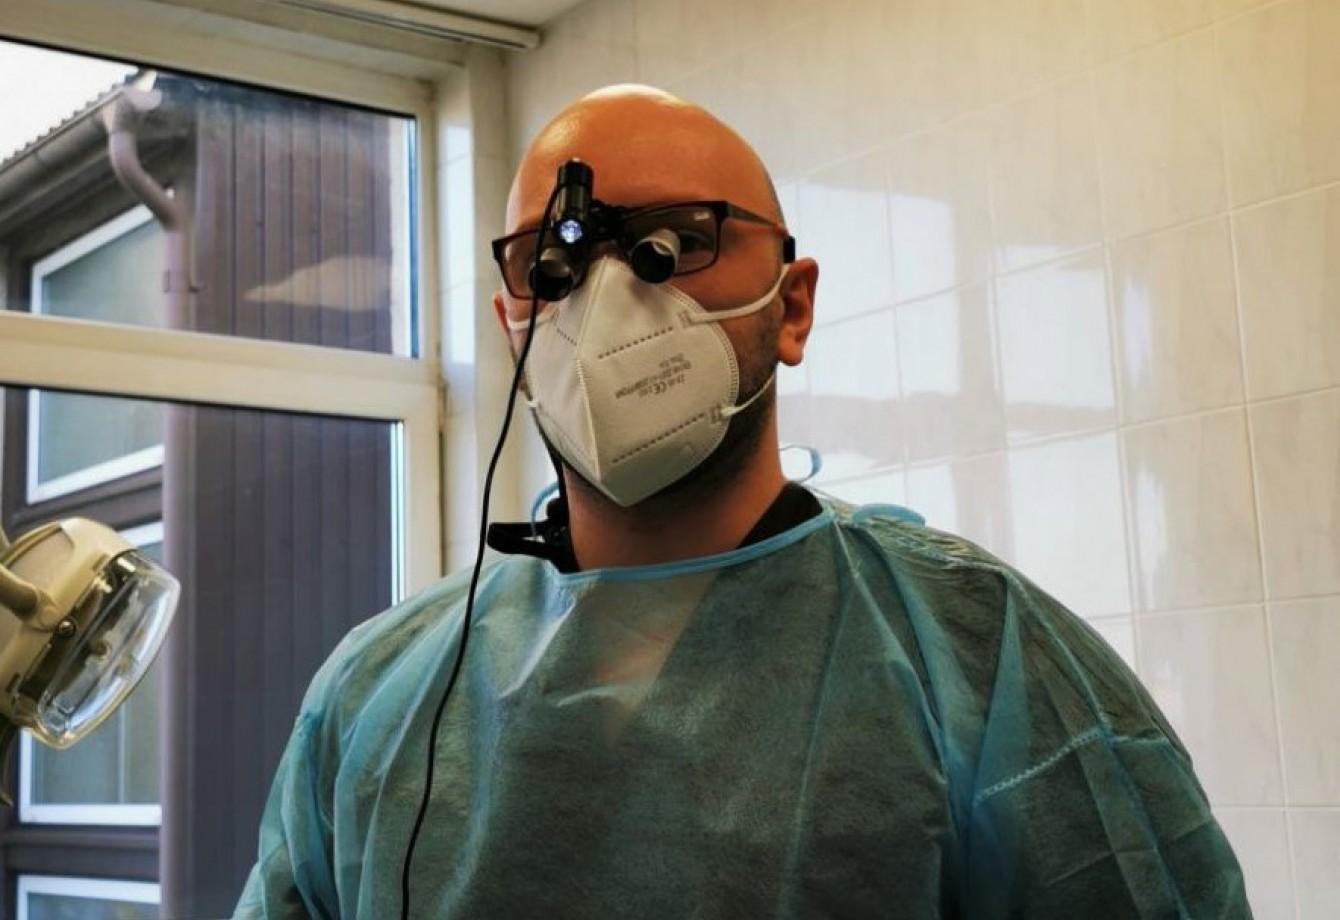 Didinamosios optikos panaudojimas odontologijoje